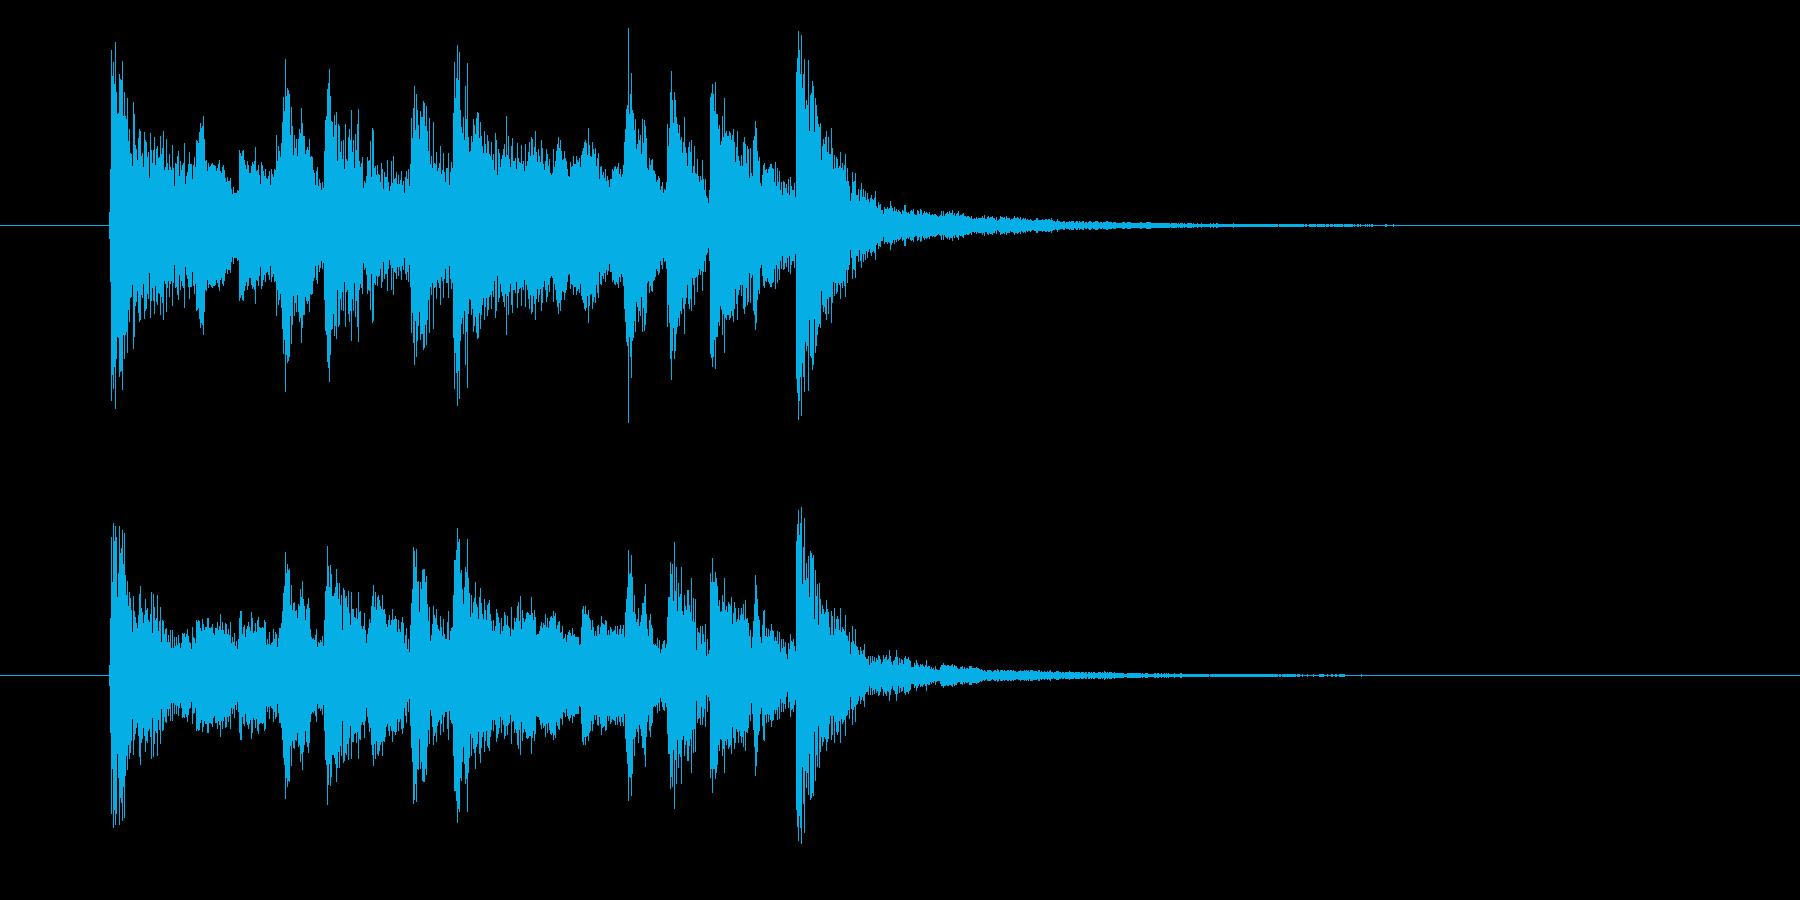 フュージョンとポップスのジングル曲の再生済みの波形